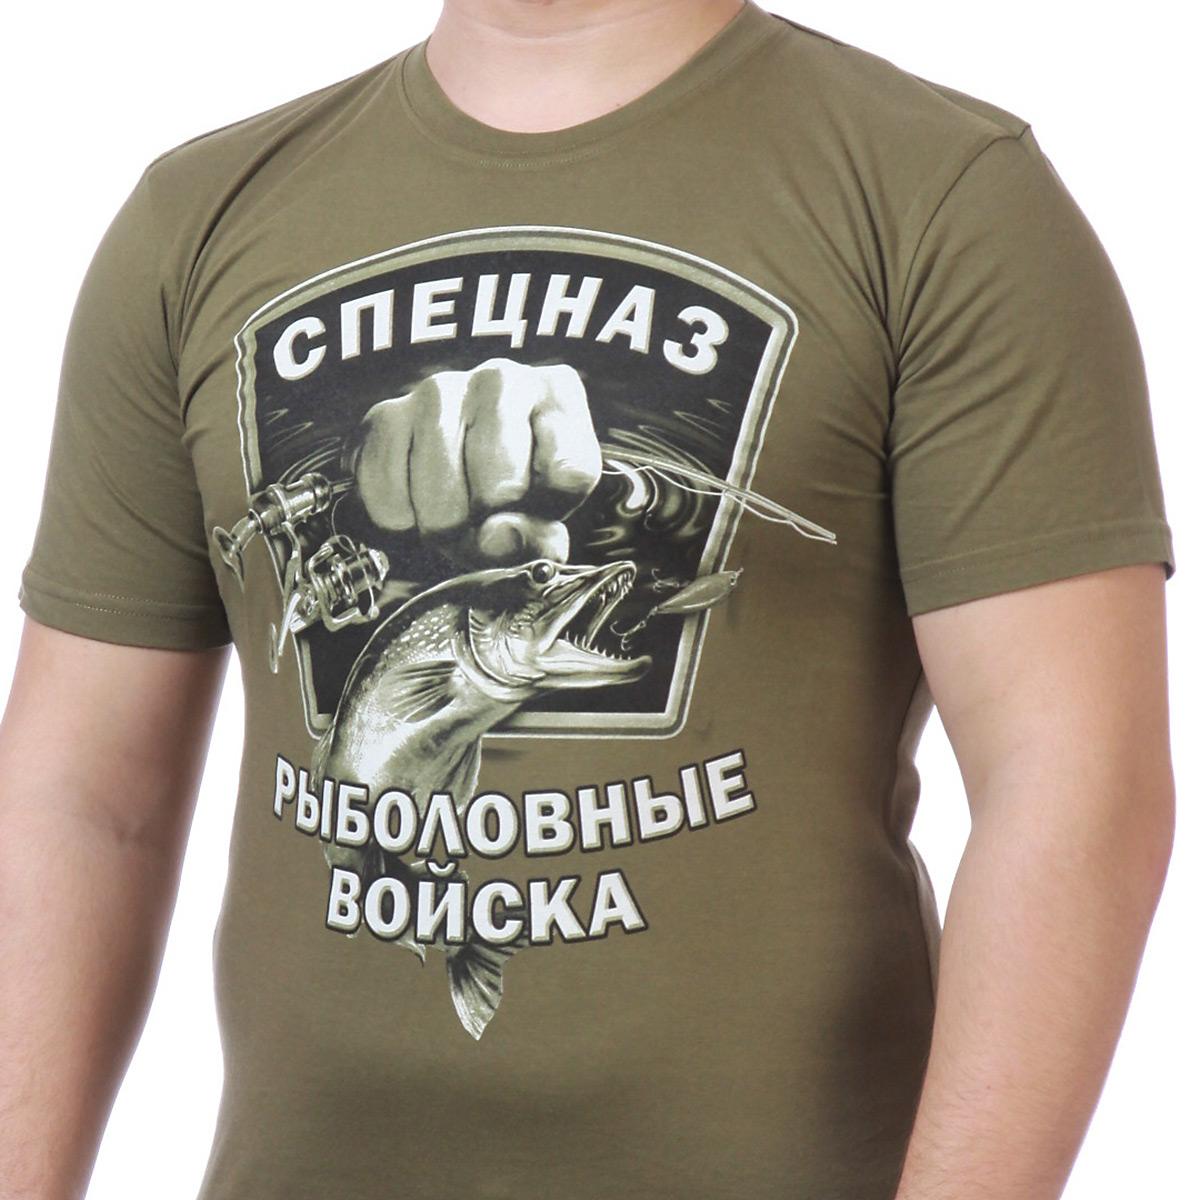 Купить футболки в Пушкино